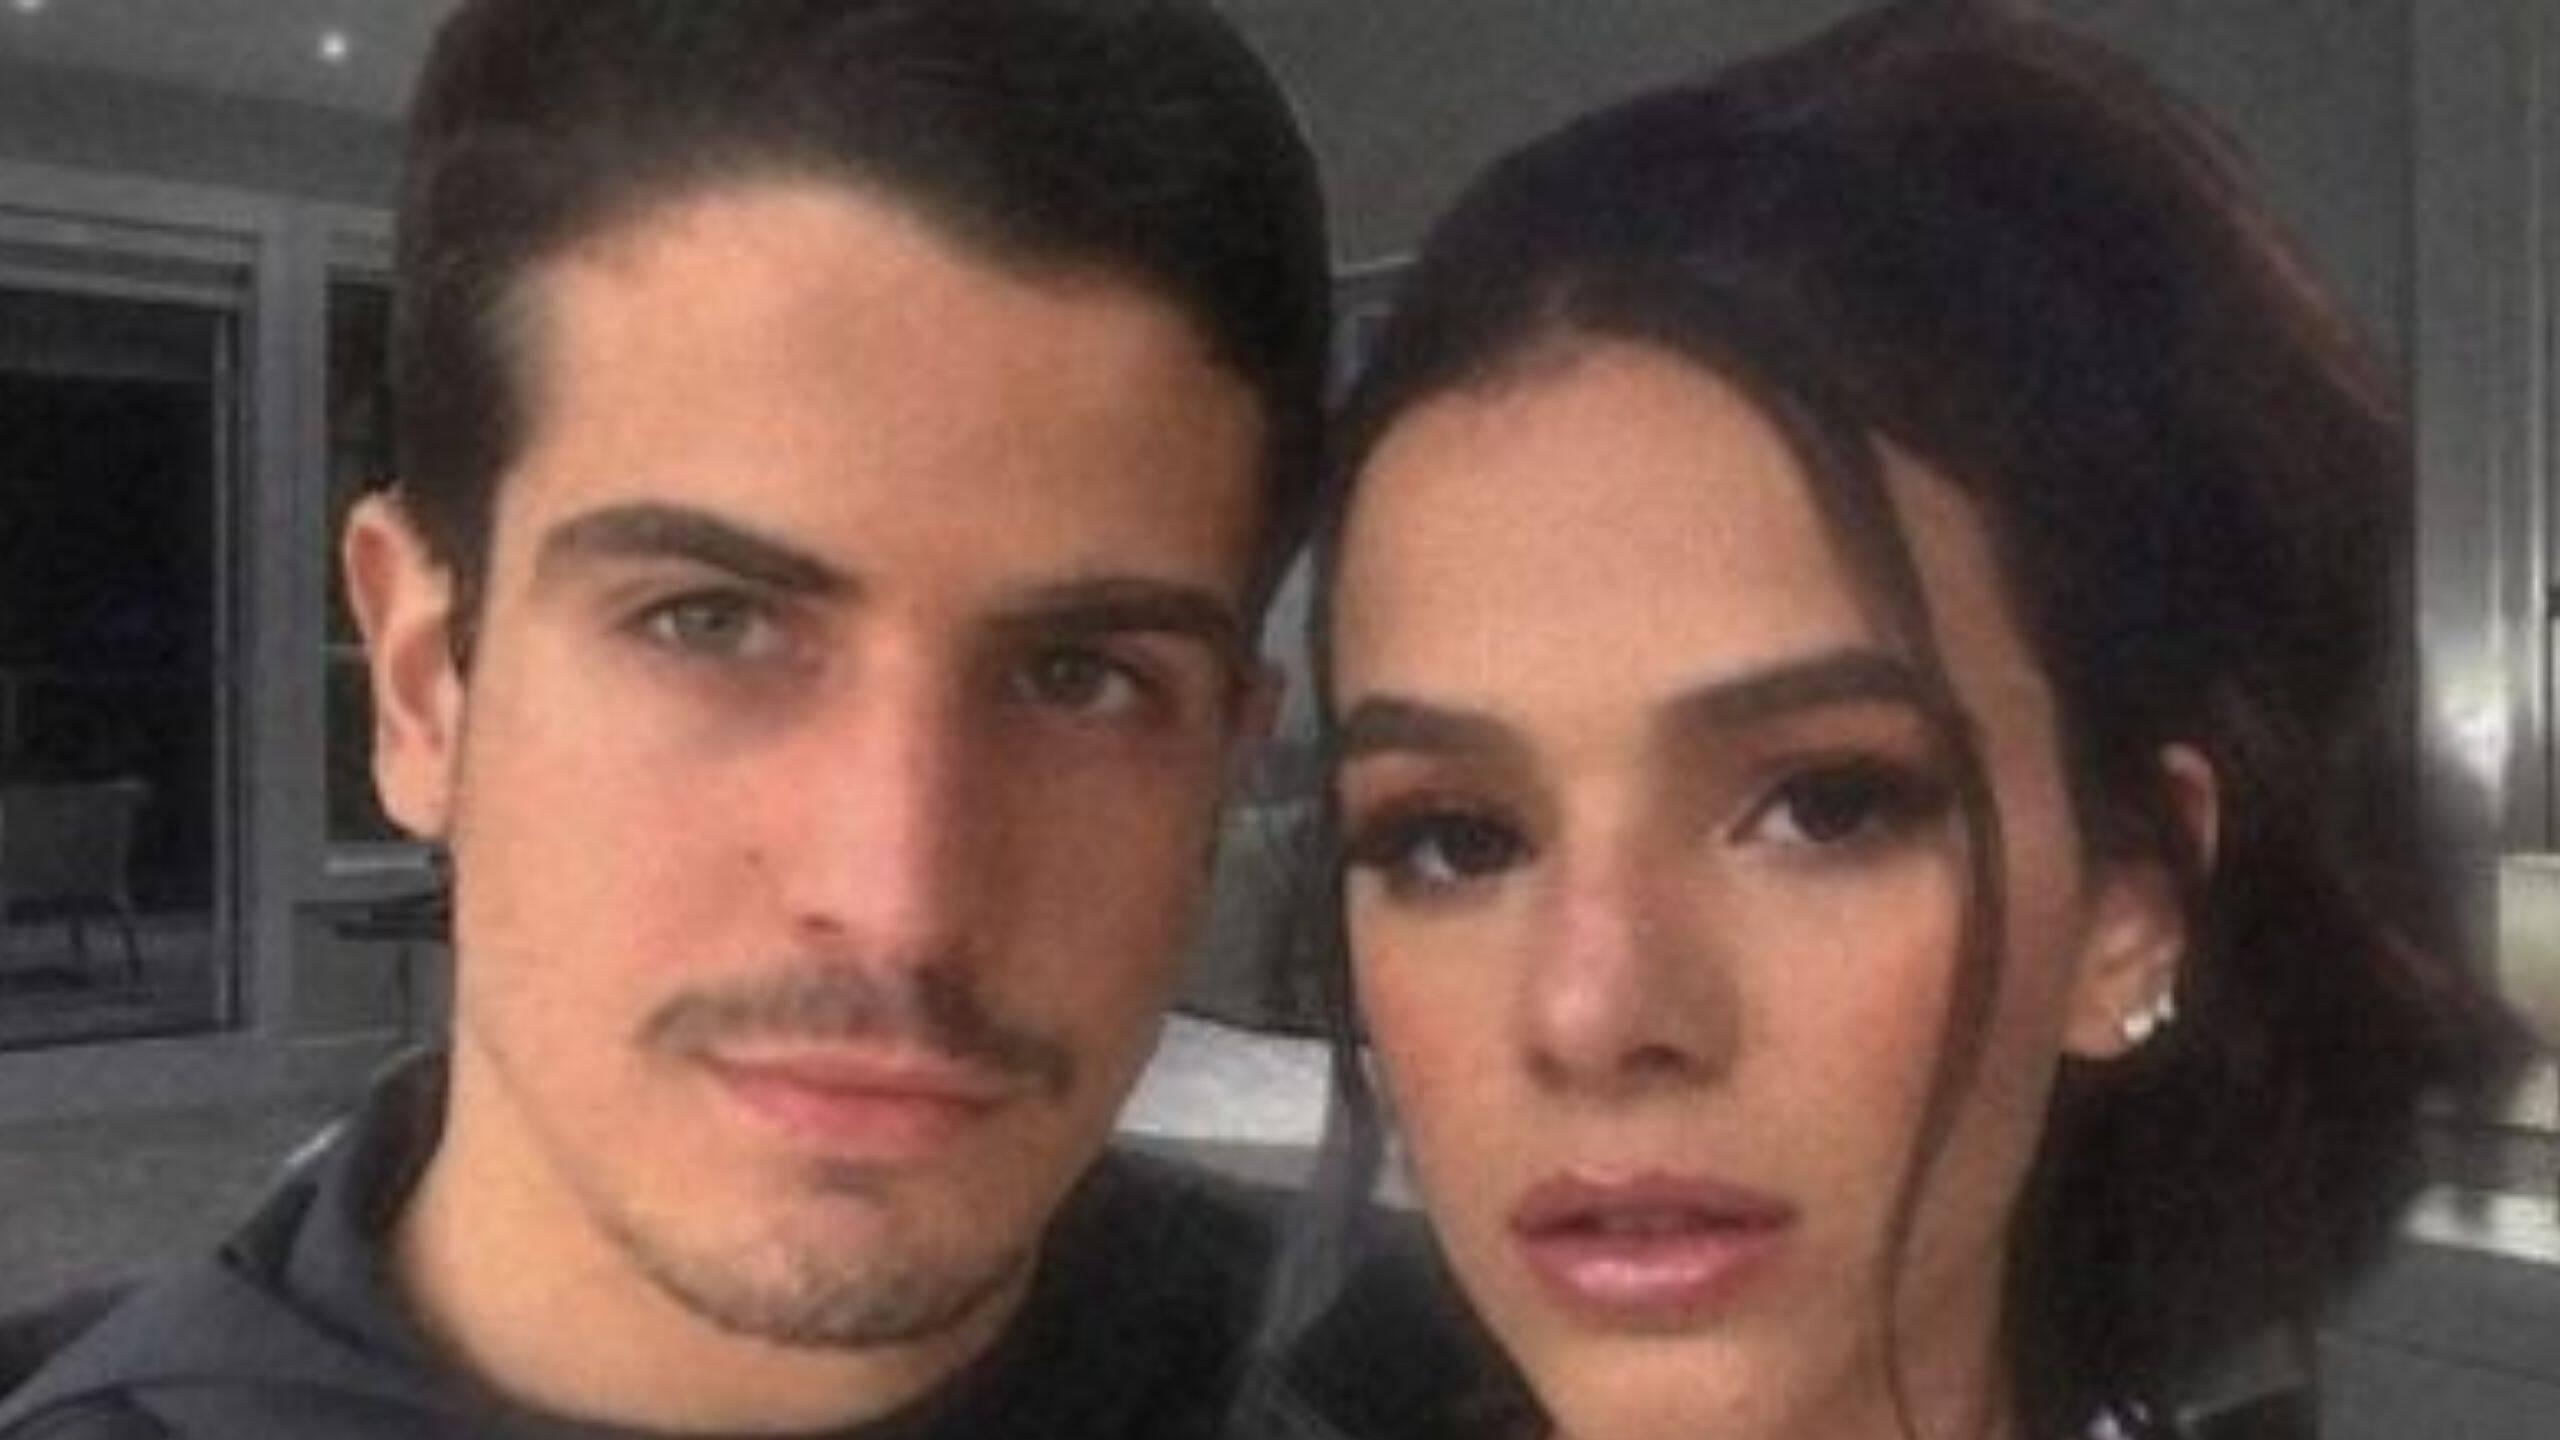 Os rumores de que o namoro entre Marquezine e Enzo teriam chegado ao fim está forte. Por conta do posicionamento de Enzo em relação a carne, o relacionamento teria estremecido. (Foto: Instagram)